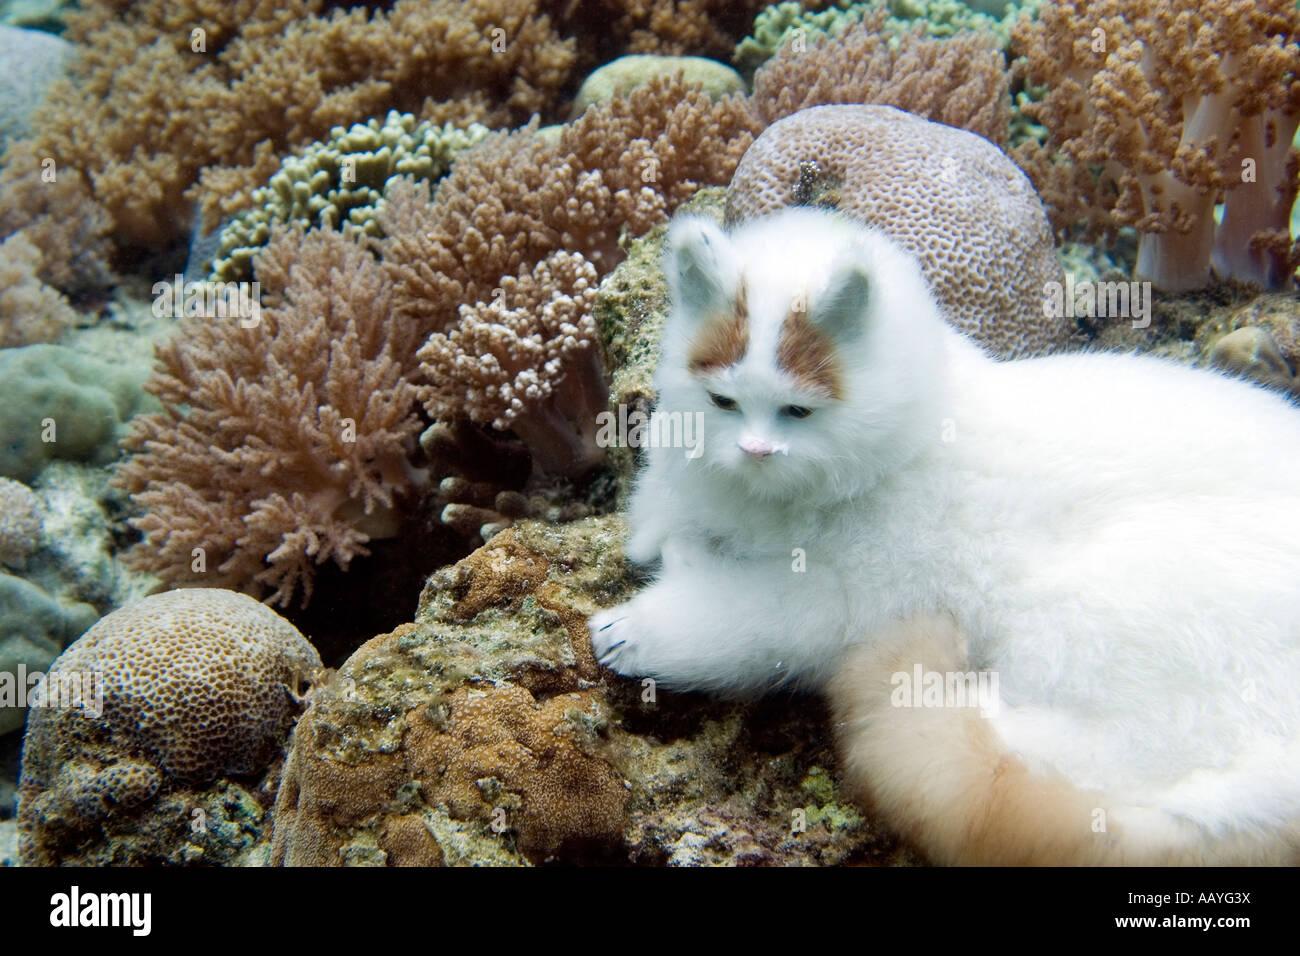 Submarino gato sentado sobre un arrecife de coral Imagen De Stock